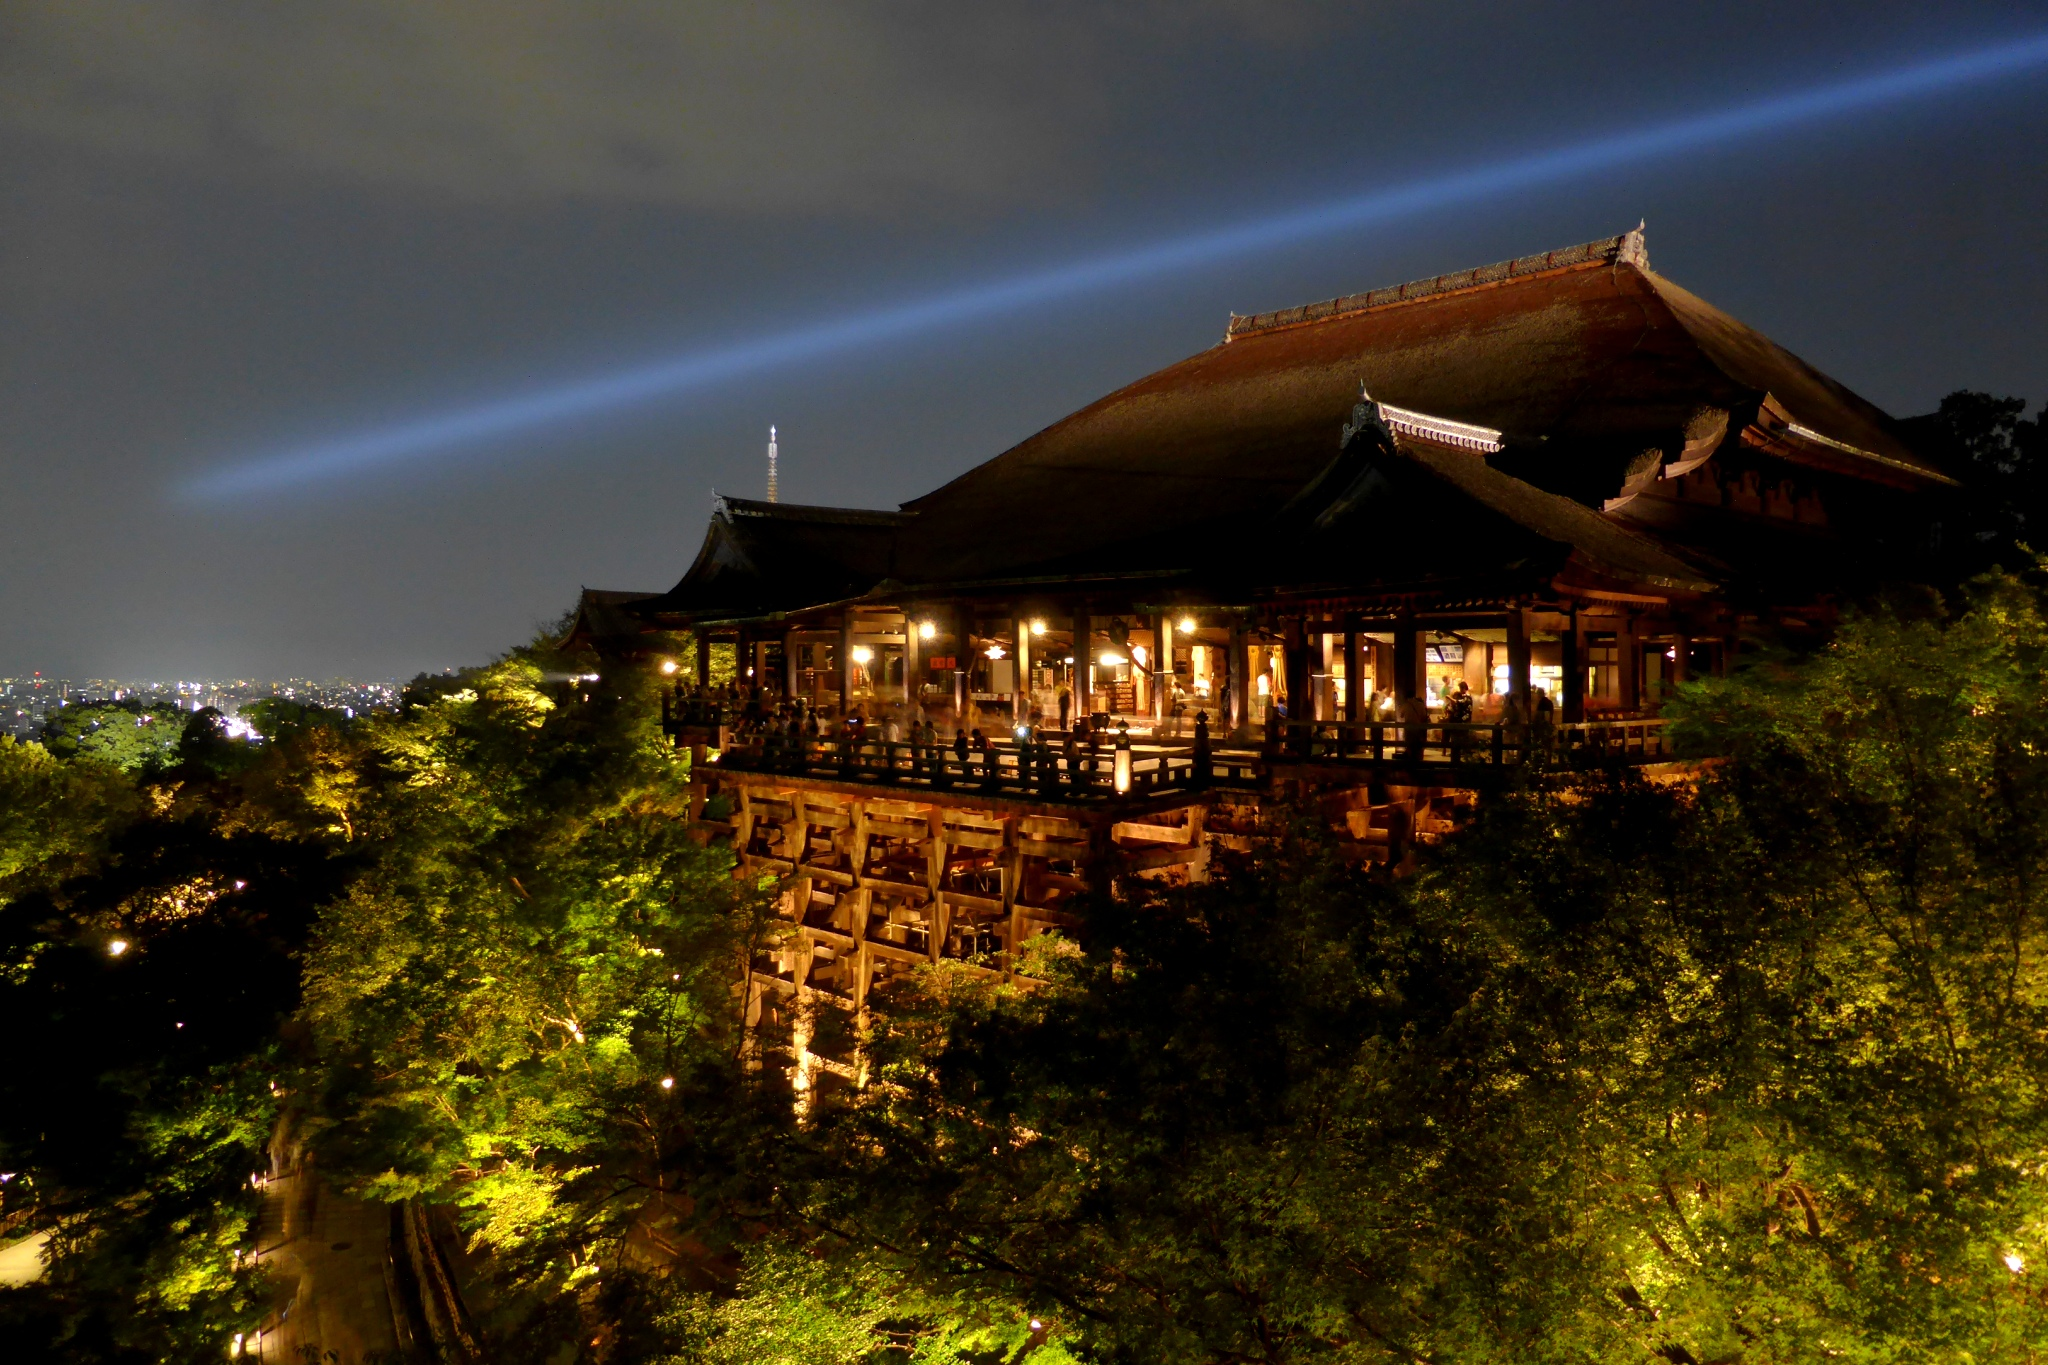 京都市東山区にある清水寺の本堂 (清水の舞台)